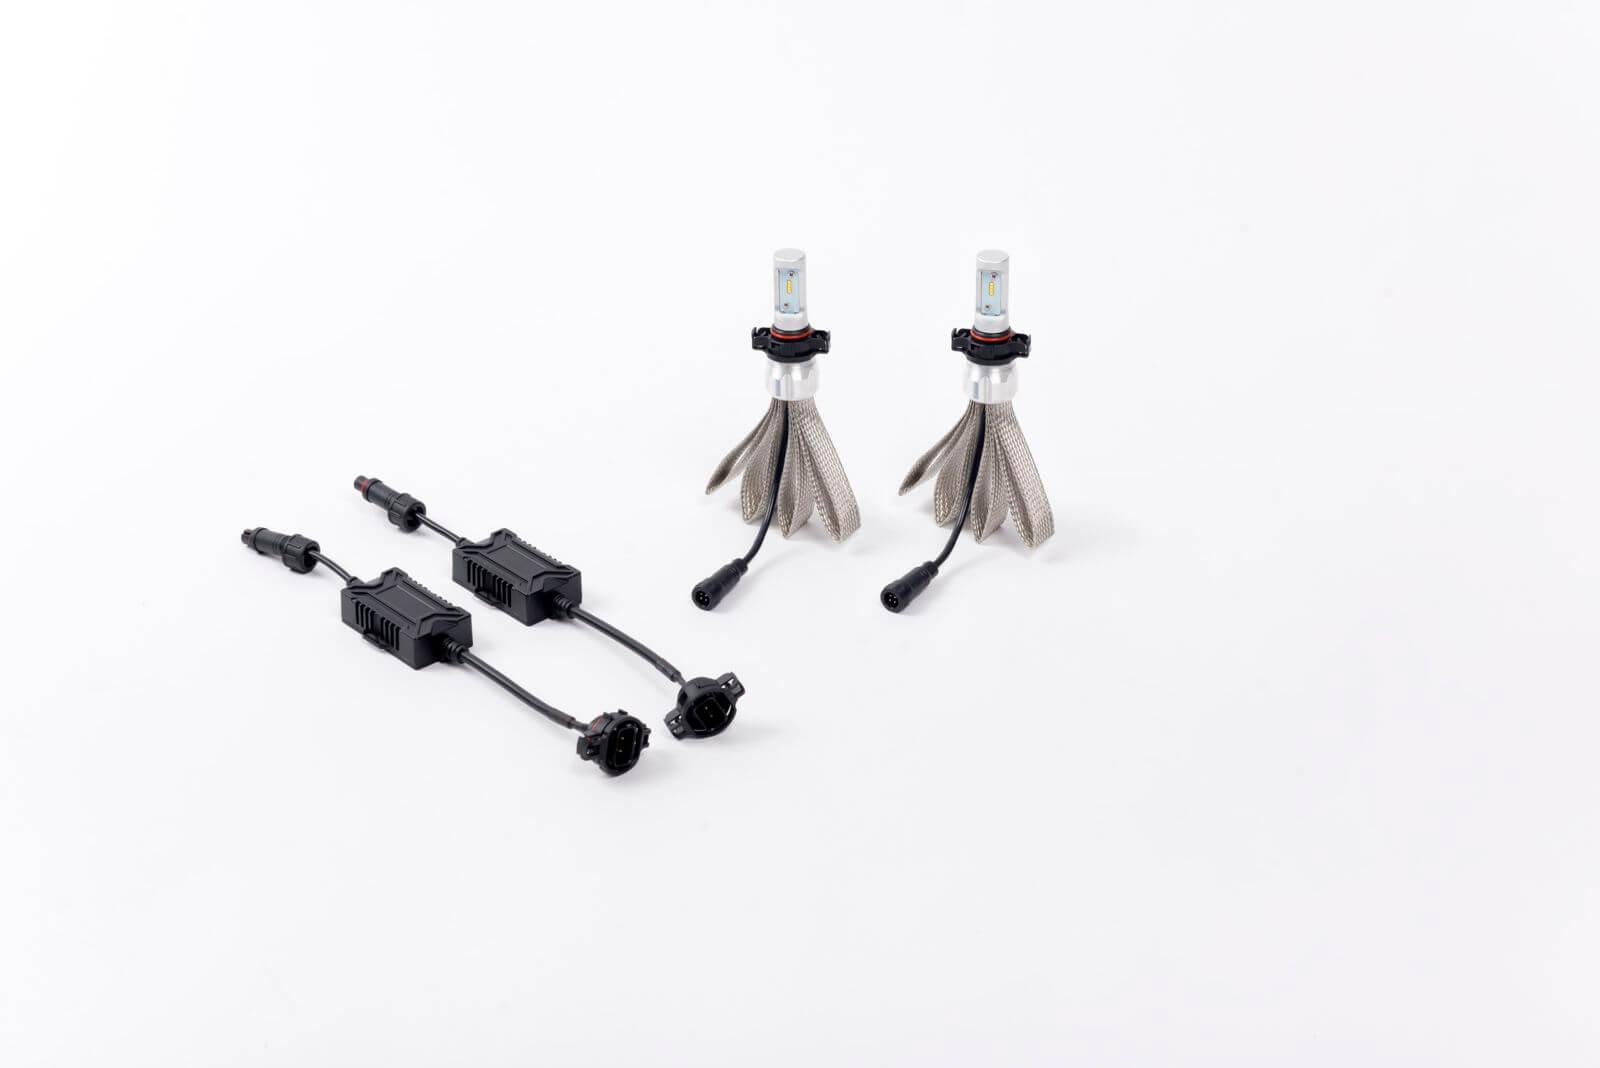 Putco P Silver Lux Pro H10 Led Headlight Conversion